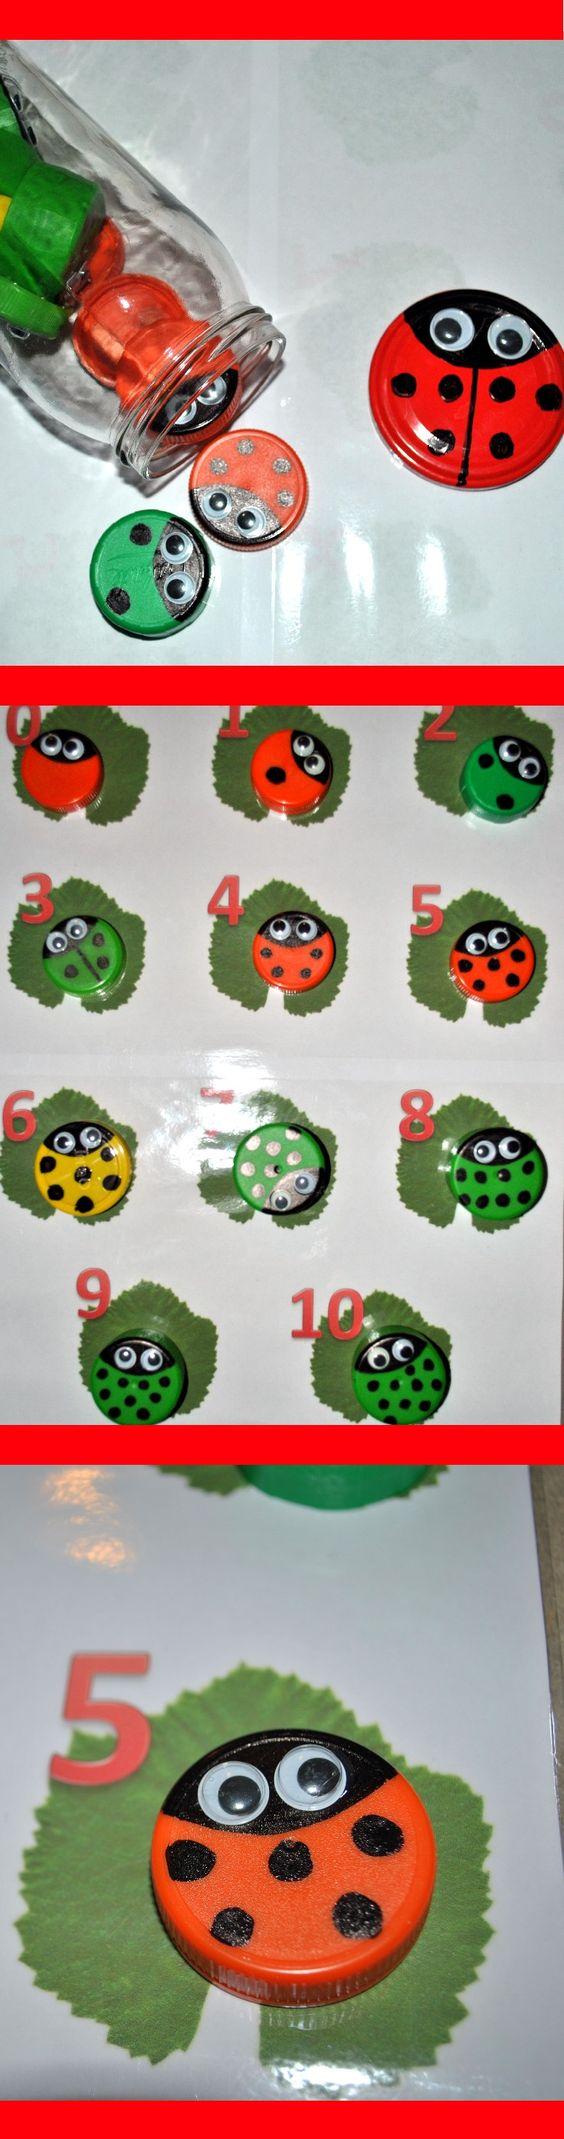 Asociar número a cantidad, previamente hemos decorado tapones como sí fueran mariquitas. A contar lunares y ponerlas en la hoja q corresponda: